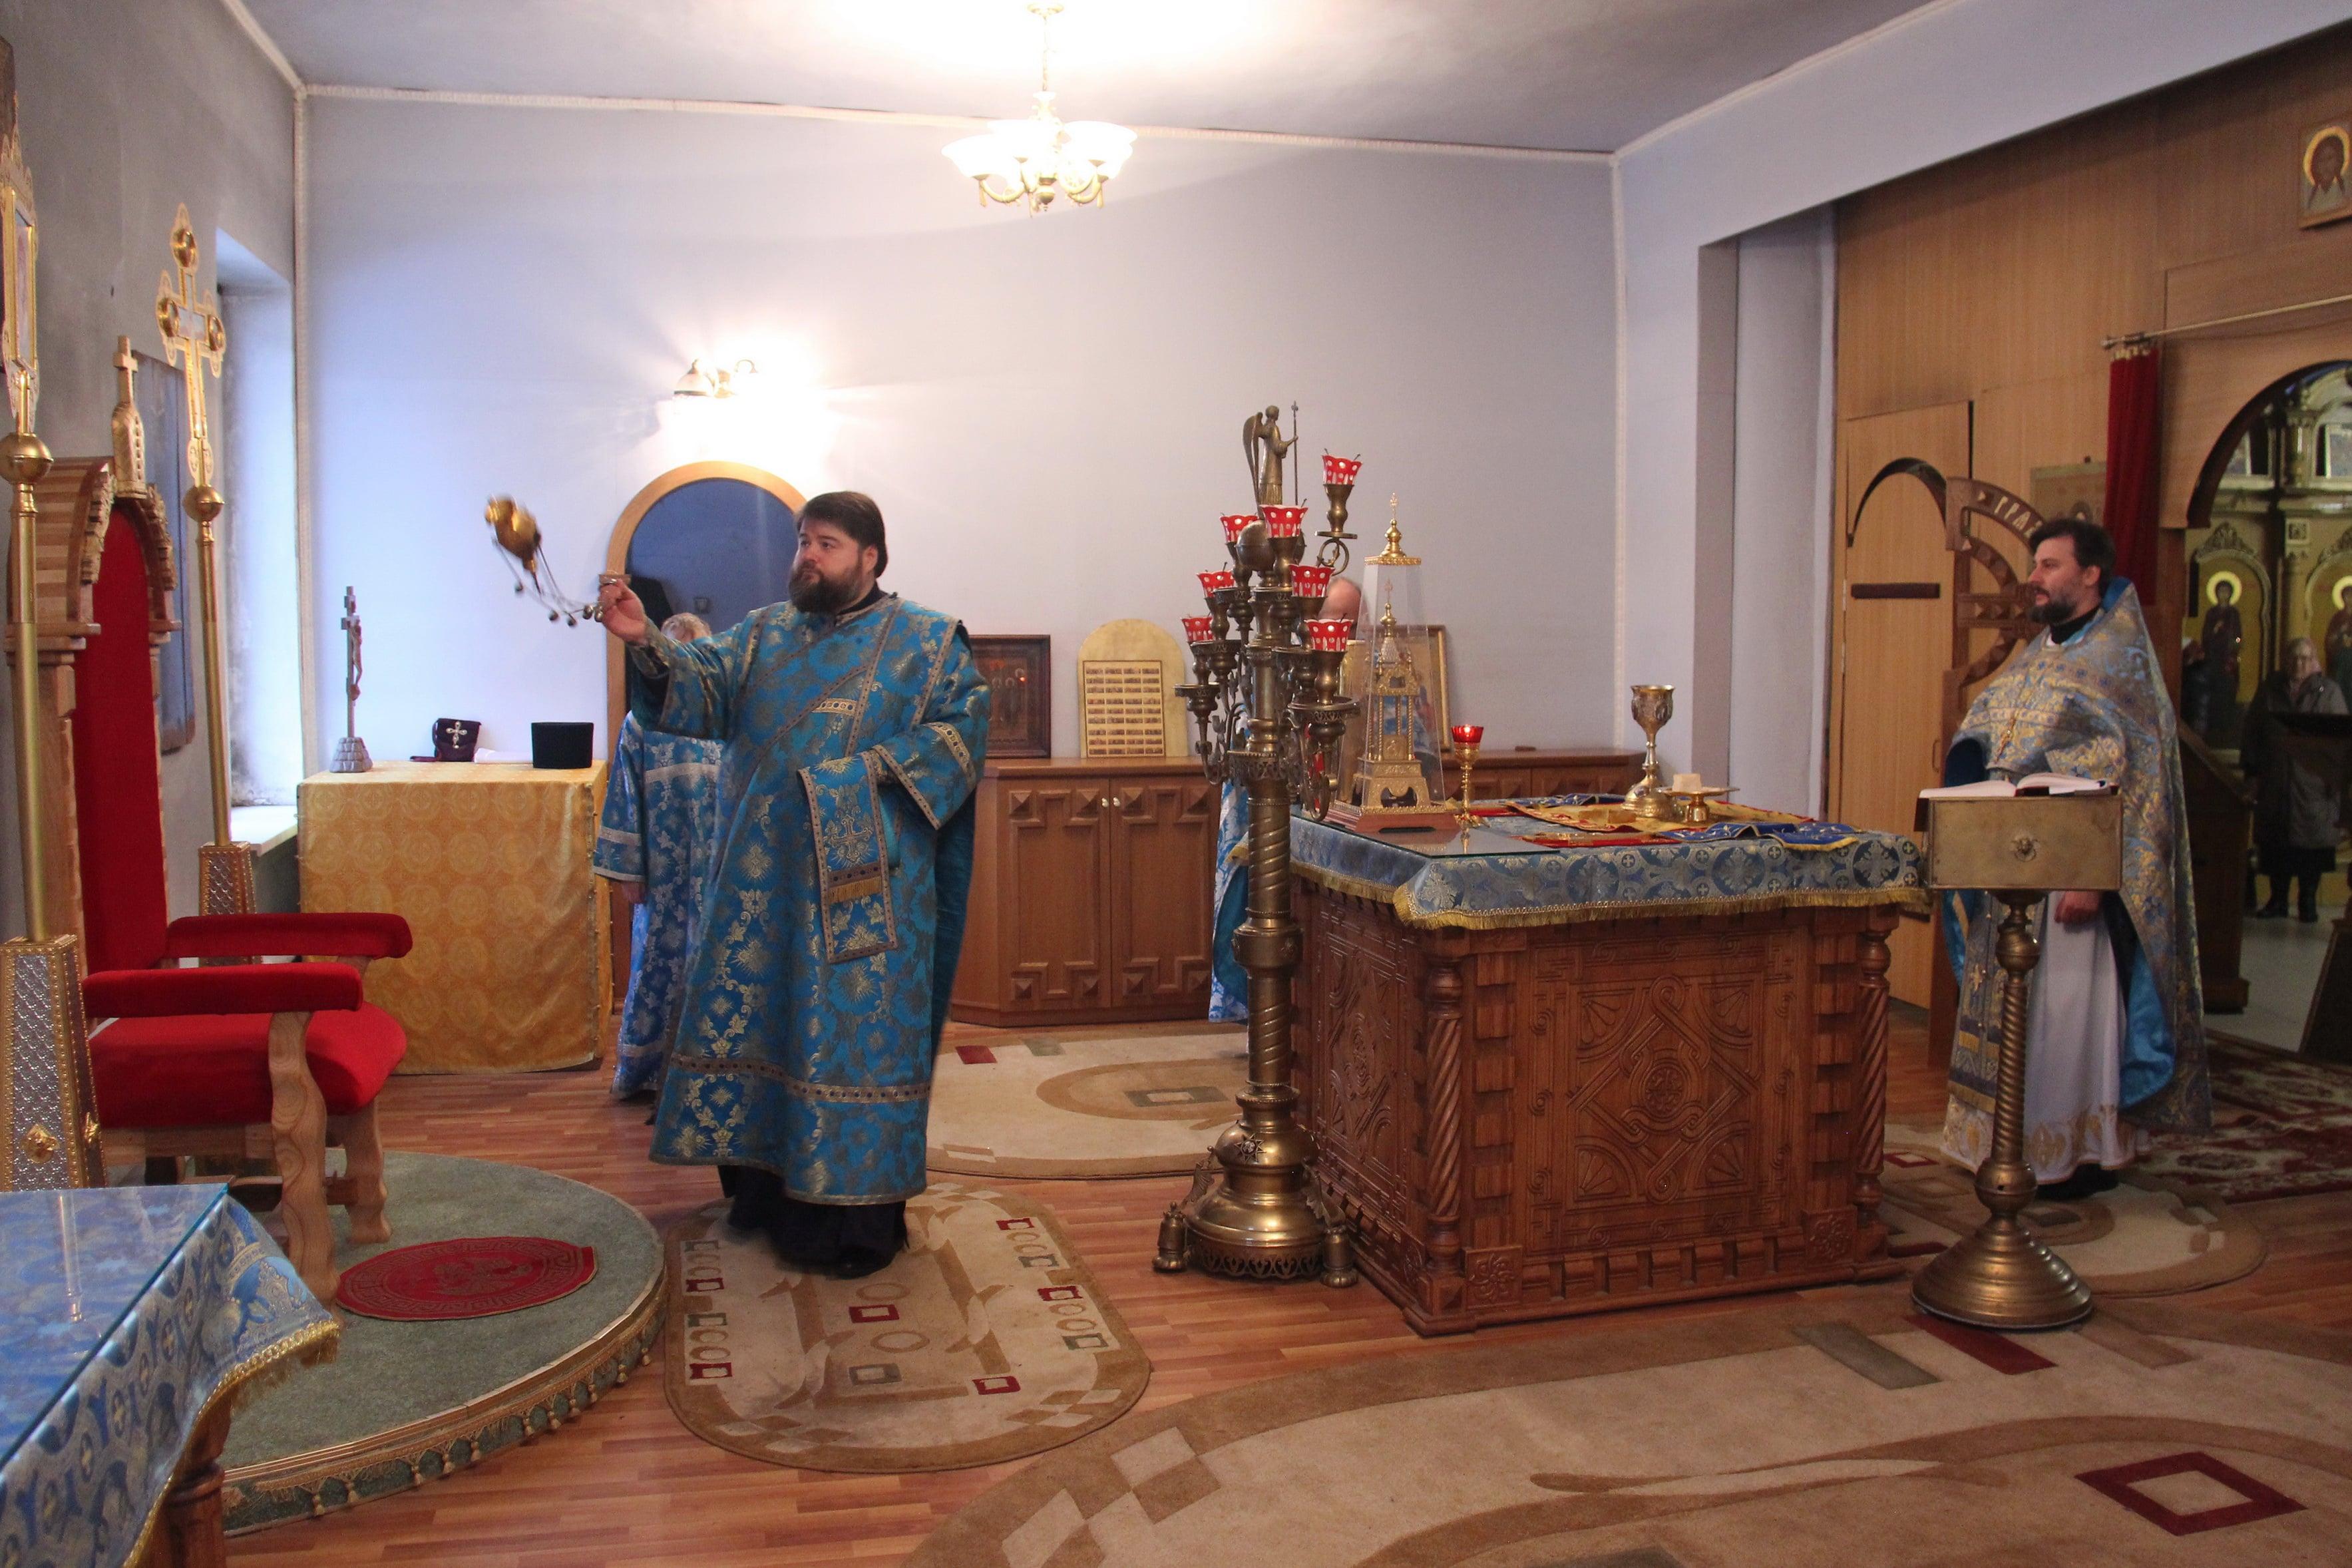 http://monuspen.ru/photoreports/cfb6a29ae0d6f6a8689fb40423a26bg1.JPG